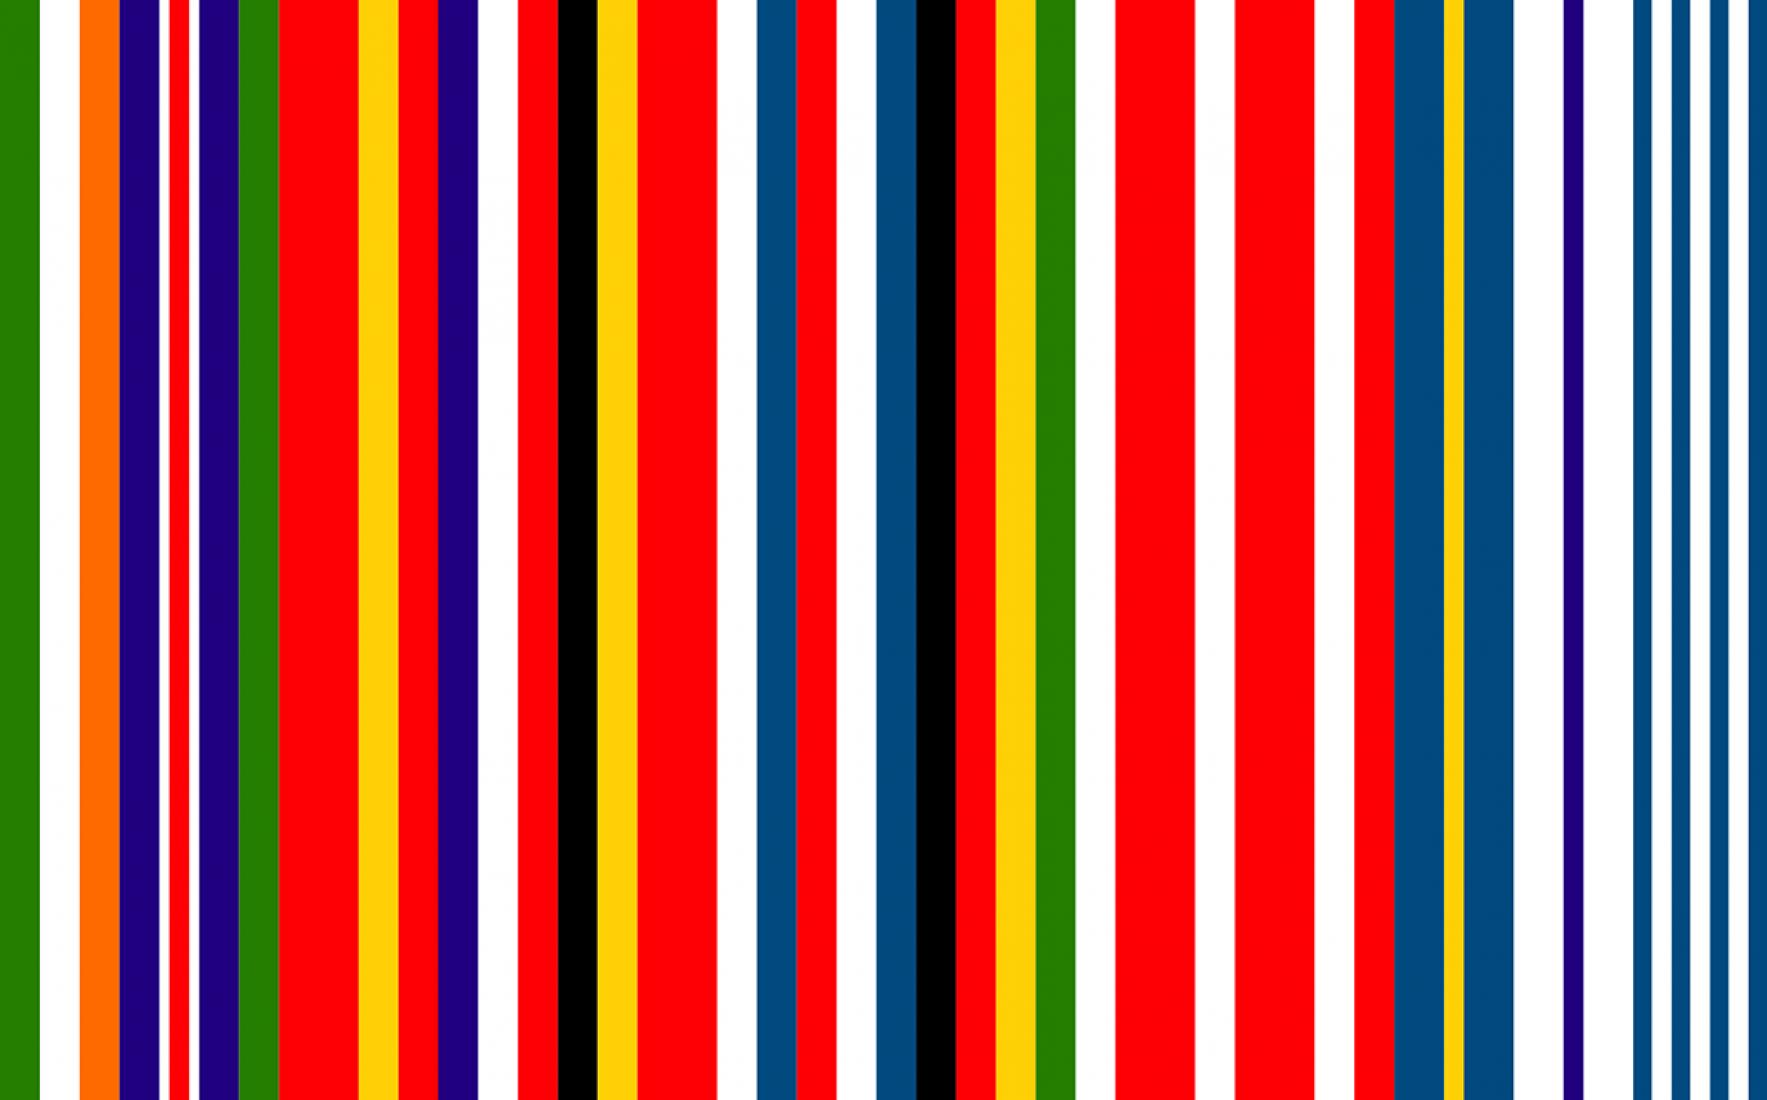 Bandera ficticia diseñada por el arquitecto holandés Rem Koolhaas en 2002. Nunca fue adotada como bandera o símbolo oficial. Sin embargo fue usada como logo durante la presidencia Austriaca de la UE hace unos años.